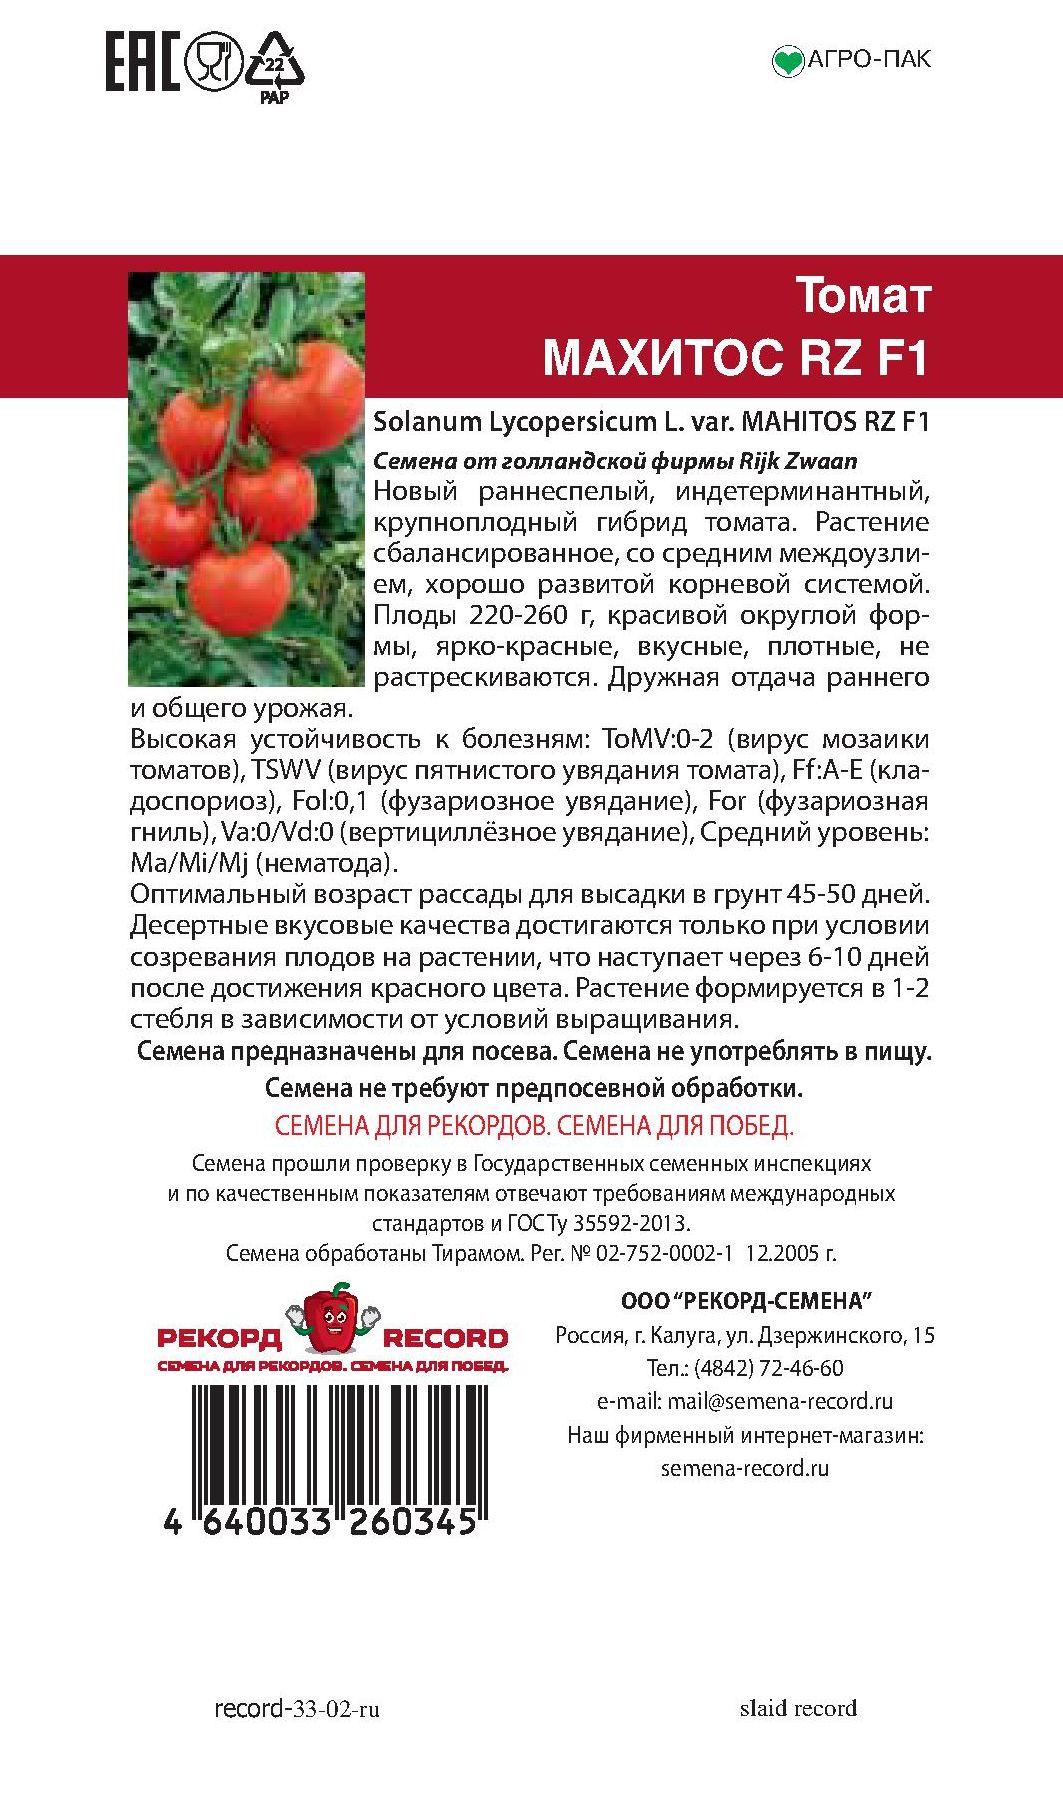 """Томат хайнц 3402 f1 - описание сорта, урожайность, фото и отзывы садоводов - журнал """"совхозик"""""""